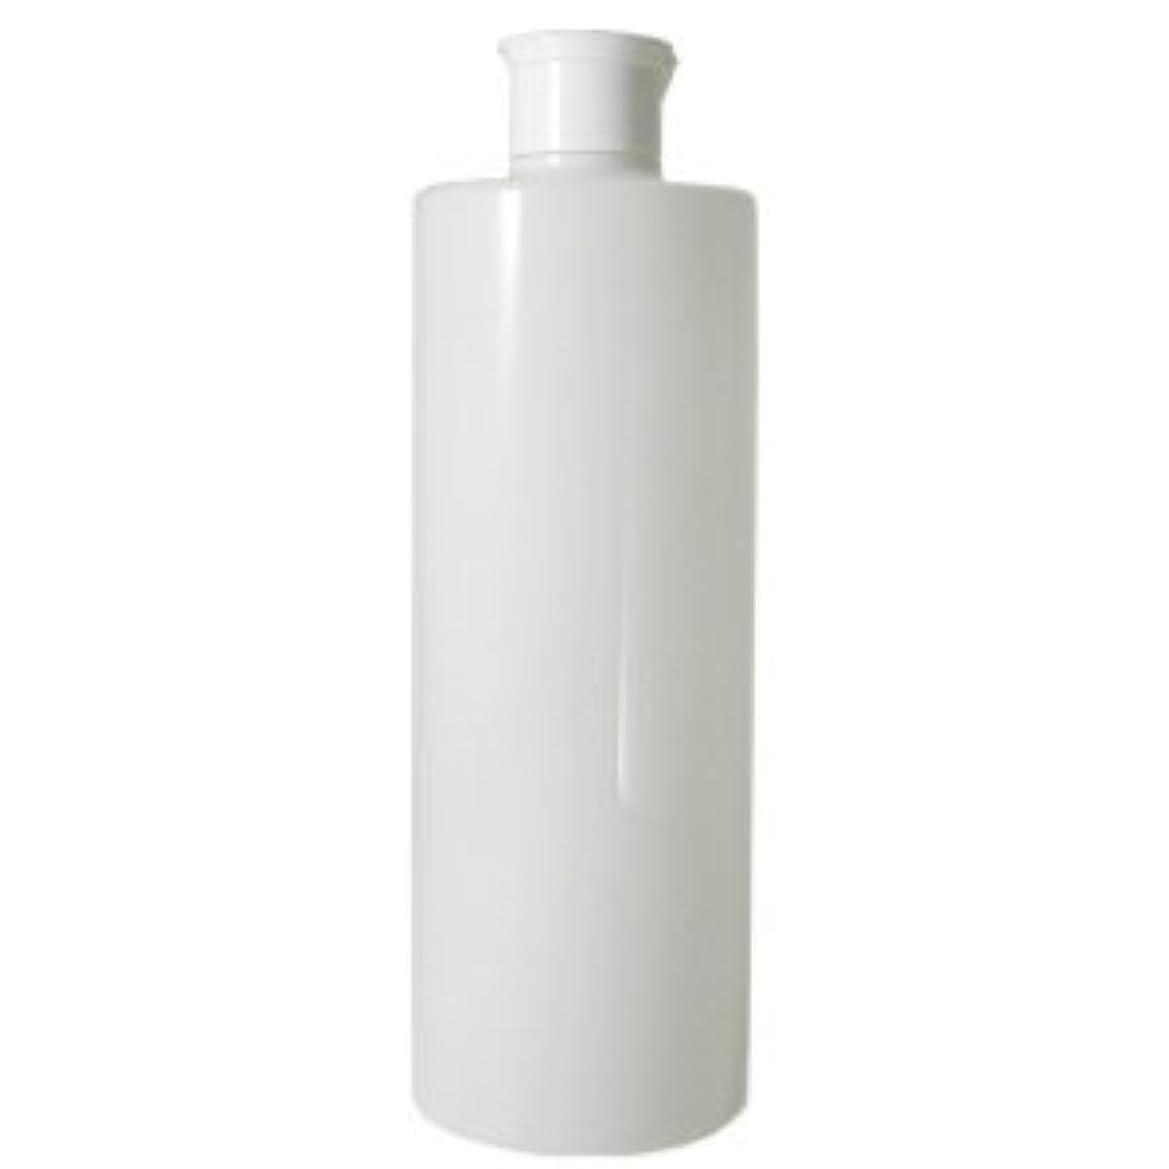 レトルトびん限りワンタッチキャップ 乳白半透明容器 500ml